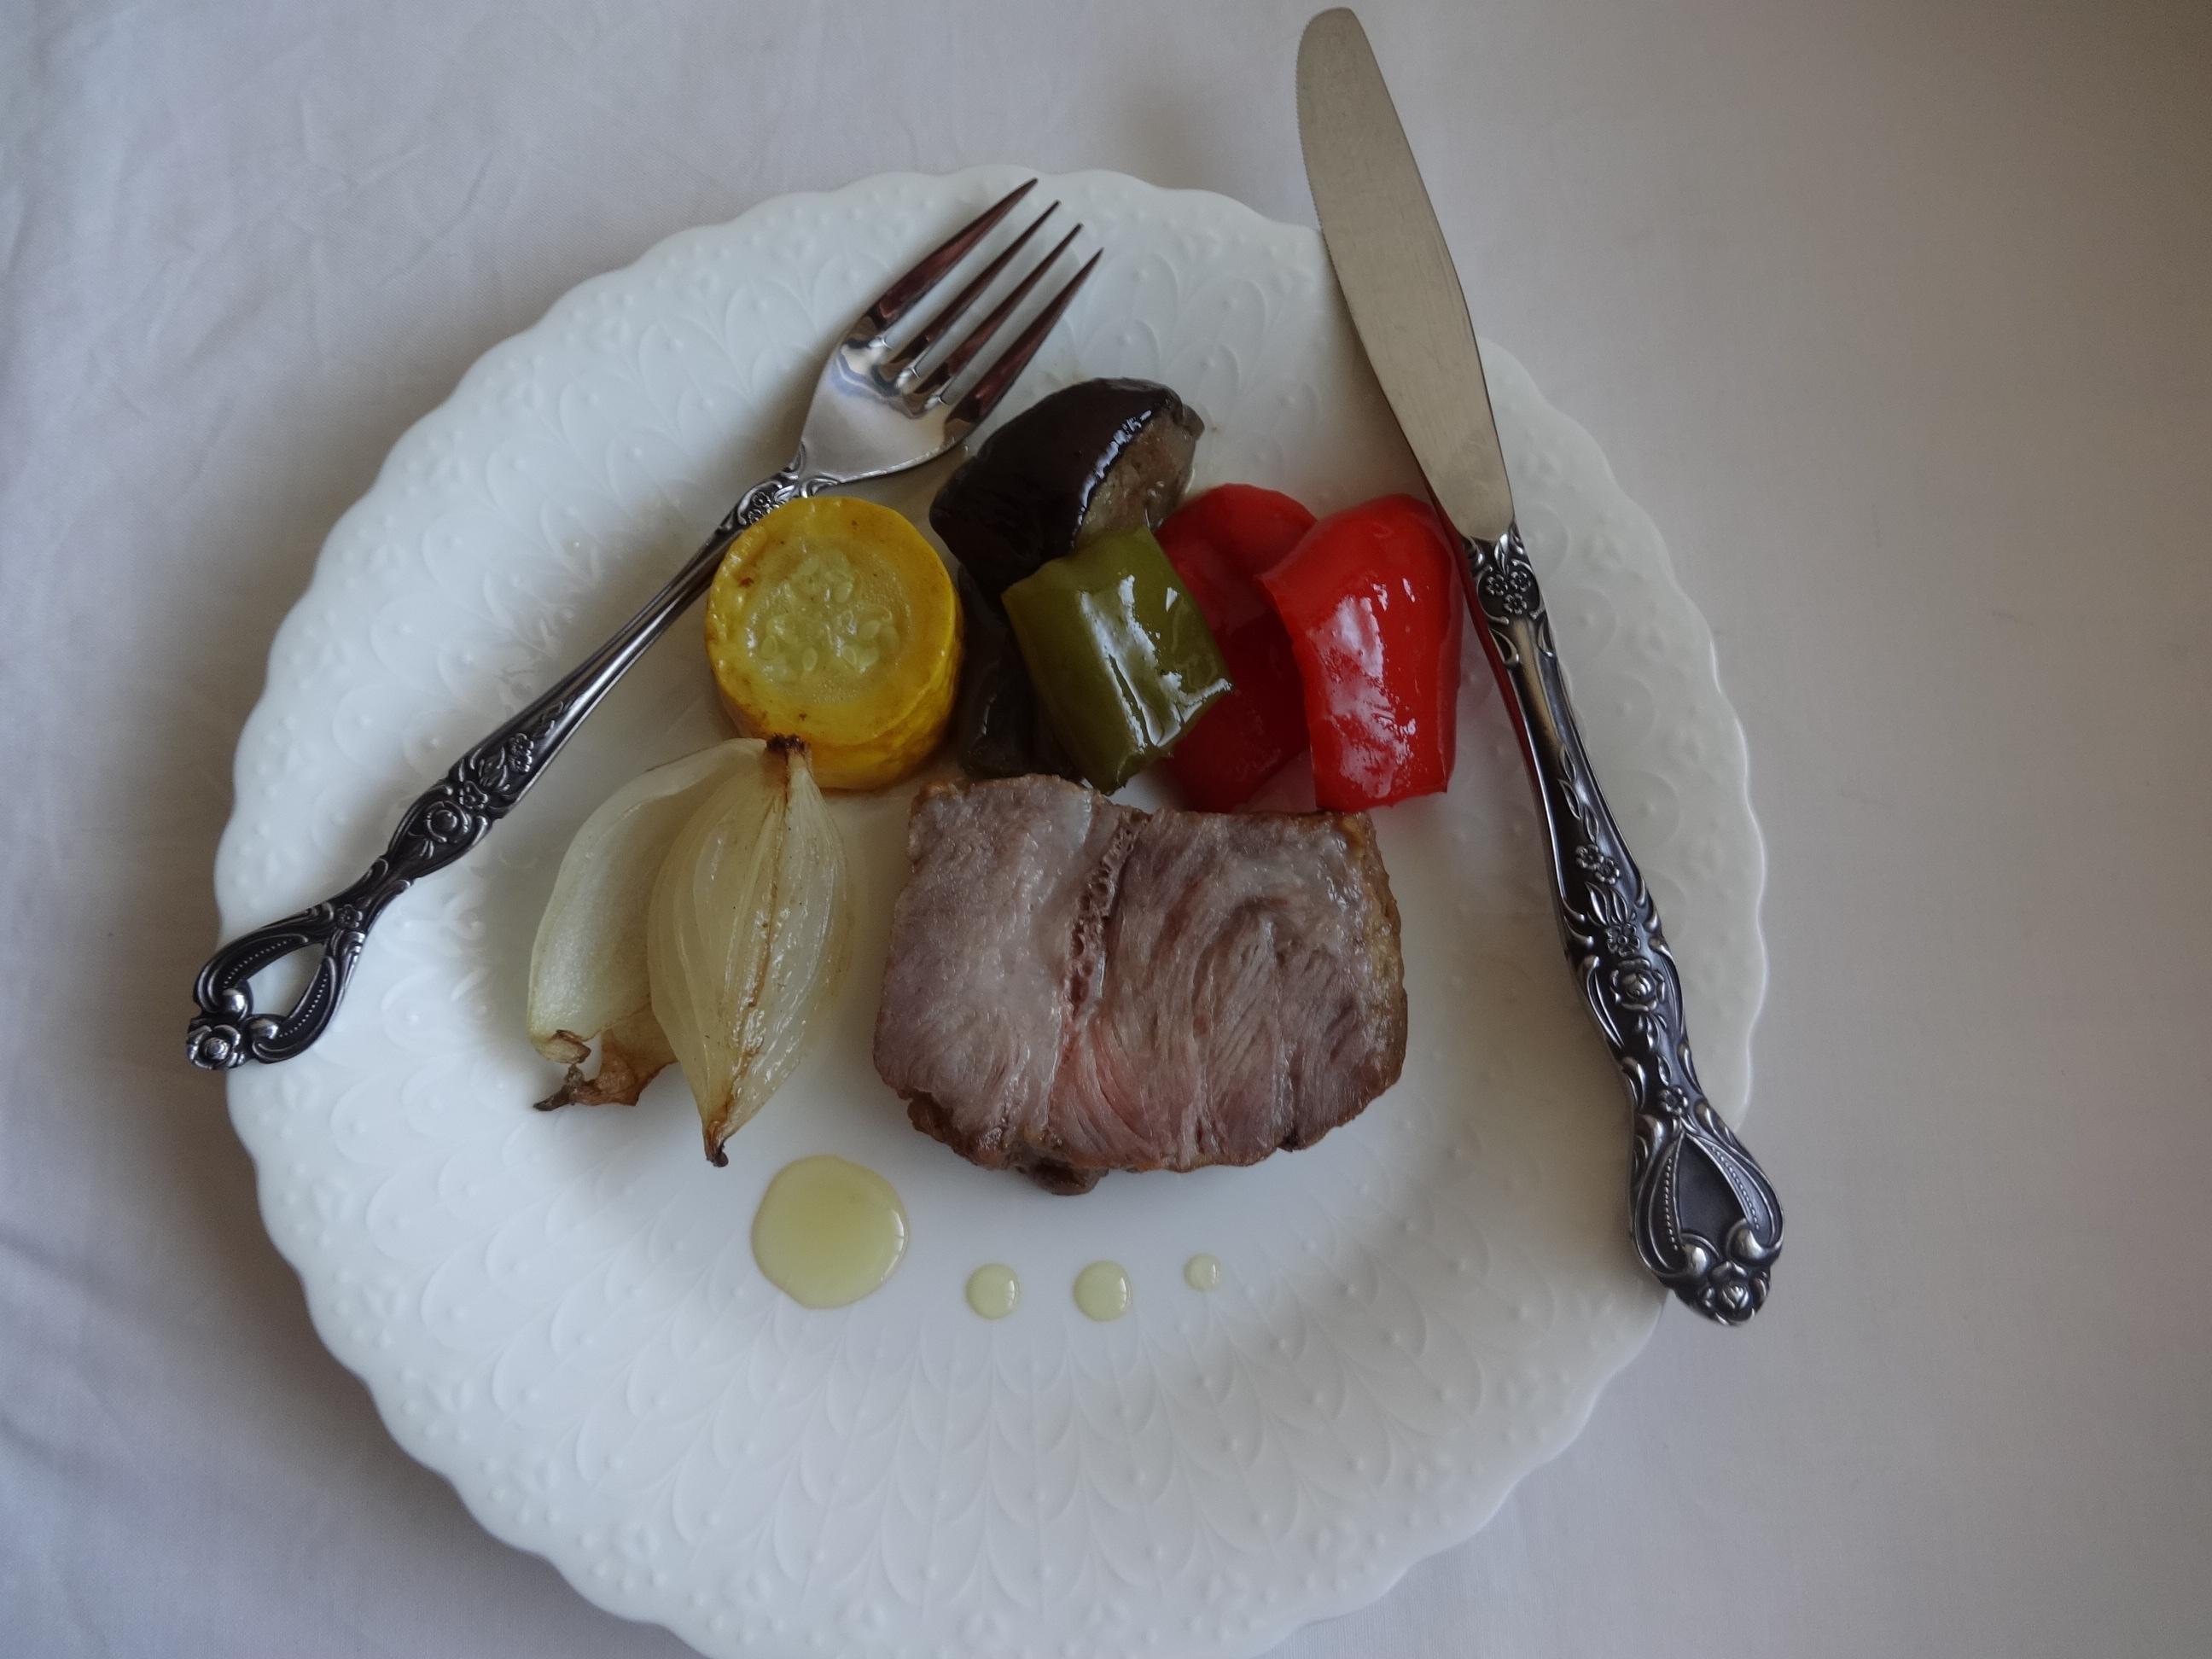 ハイライフポーク・肩ロースと夏野菜のロースト